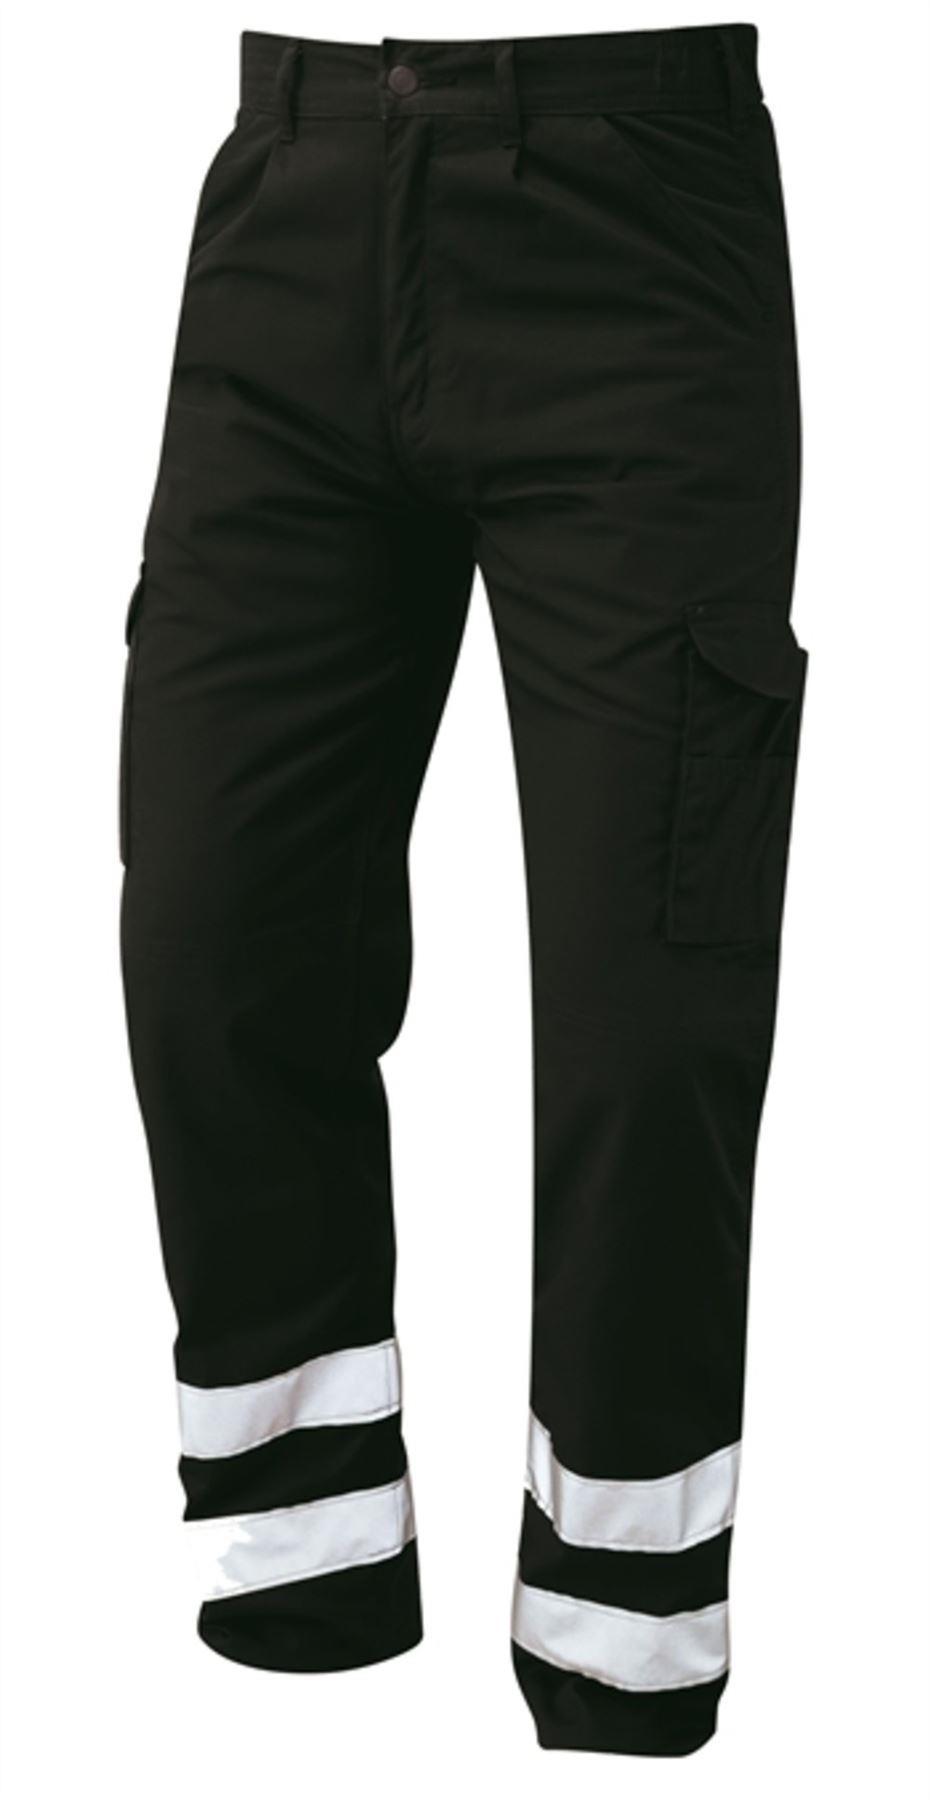 Orn Condor Hi Vis Kneepad Trousers - Black|52W32L